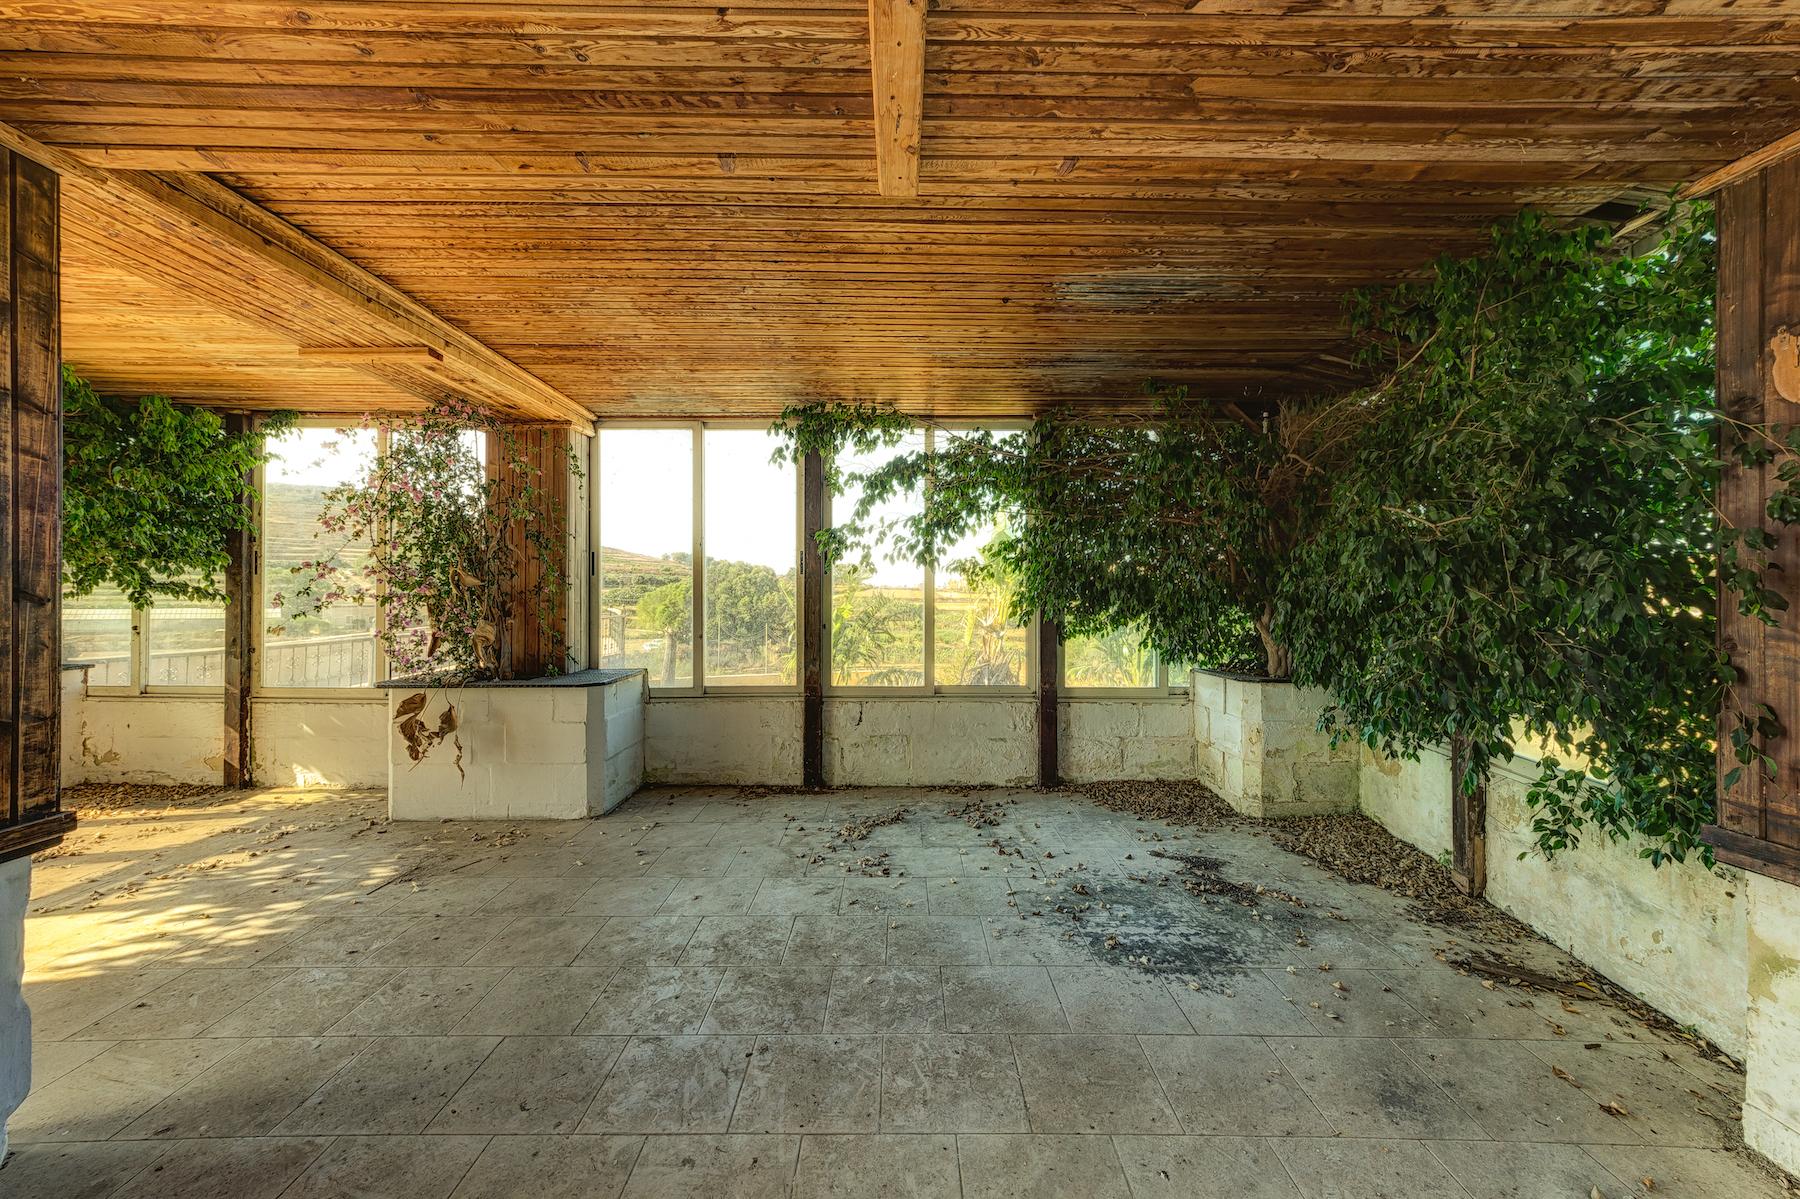 Árboles creciendo en lugares abandonados por Stefan Baumann